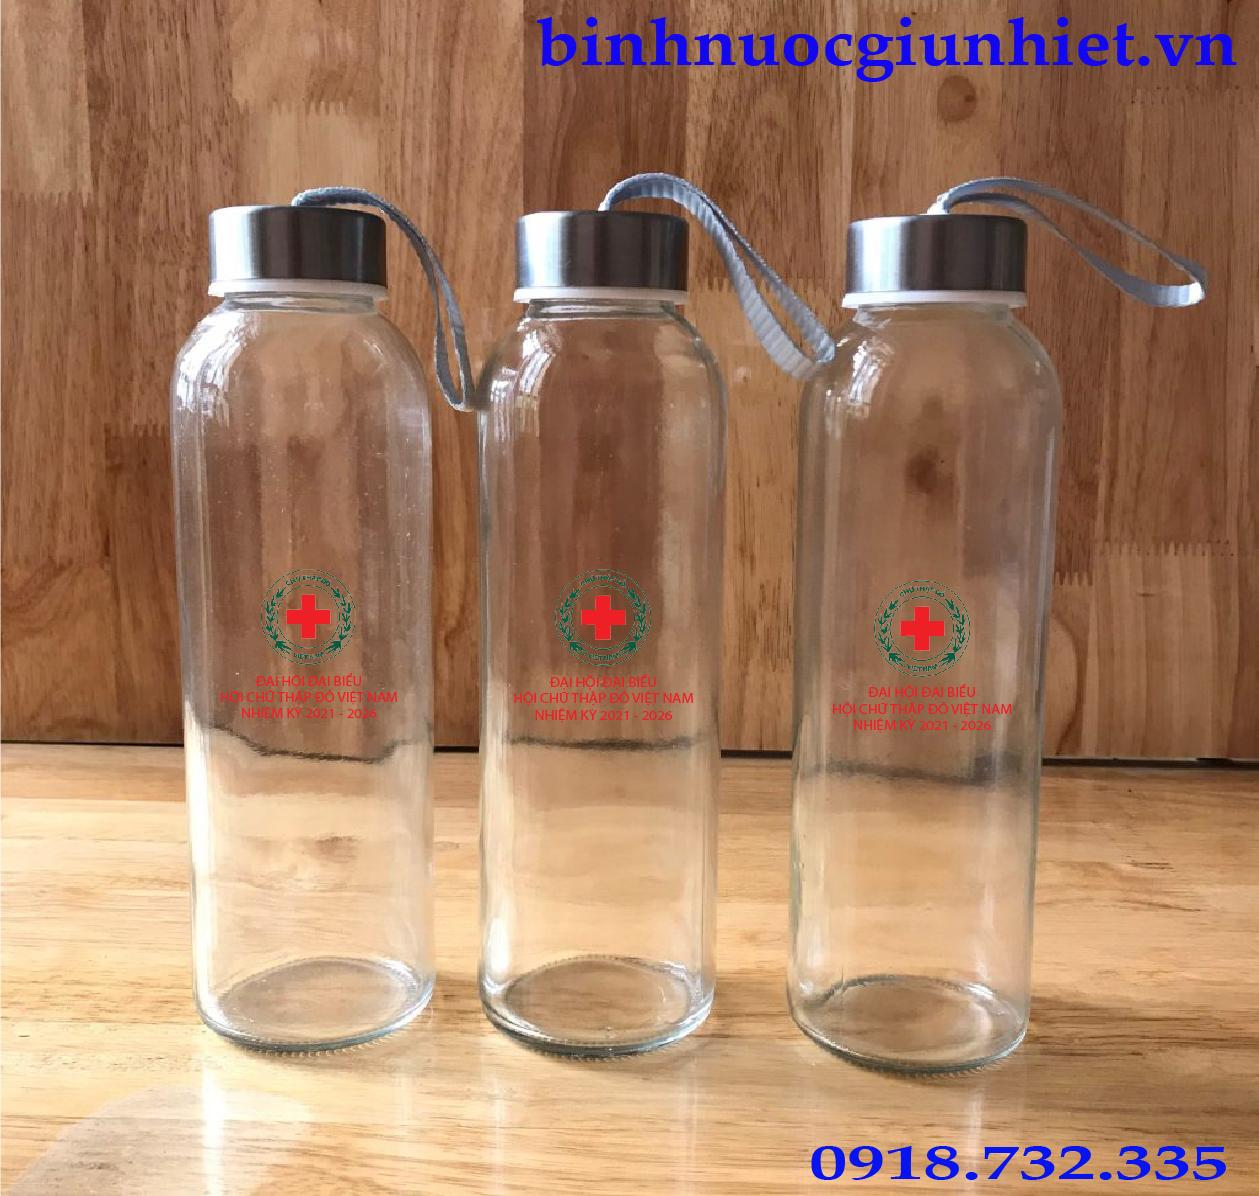 bình thủy tinh in logo hội chữ thập đỏ việt nam